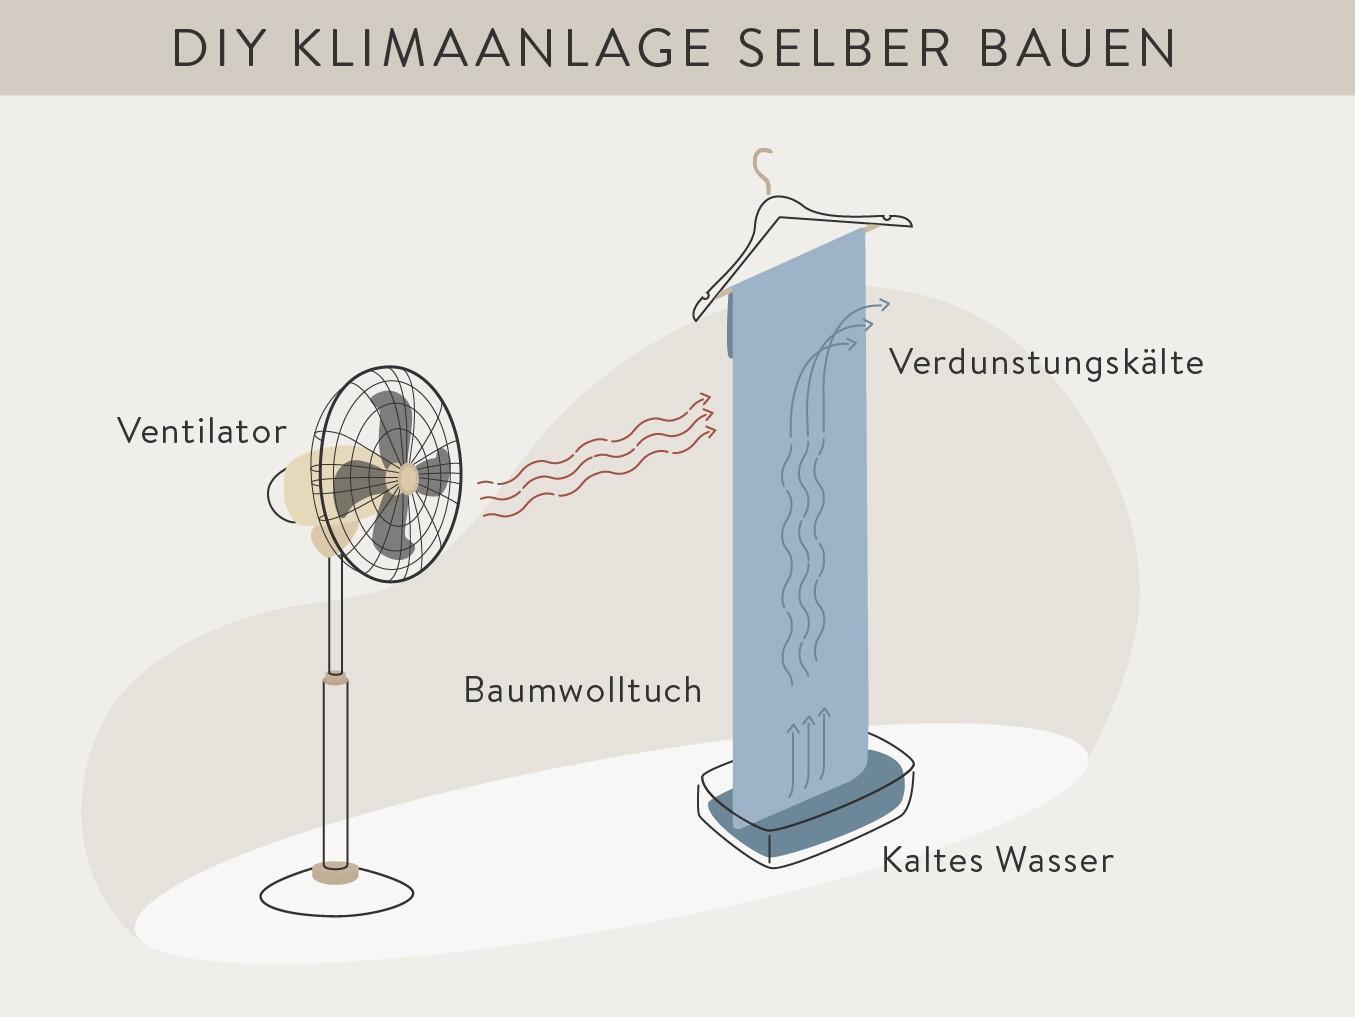 Einfache Anleitung zum Klimaanlage selber bauen